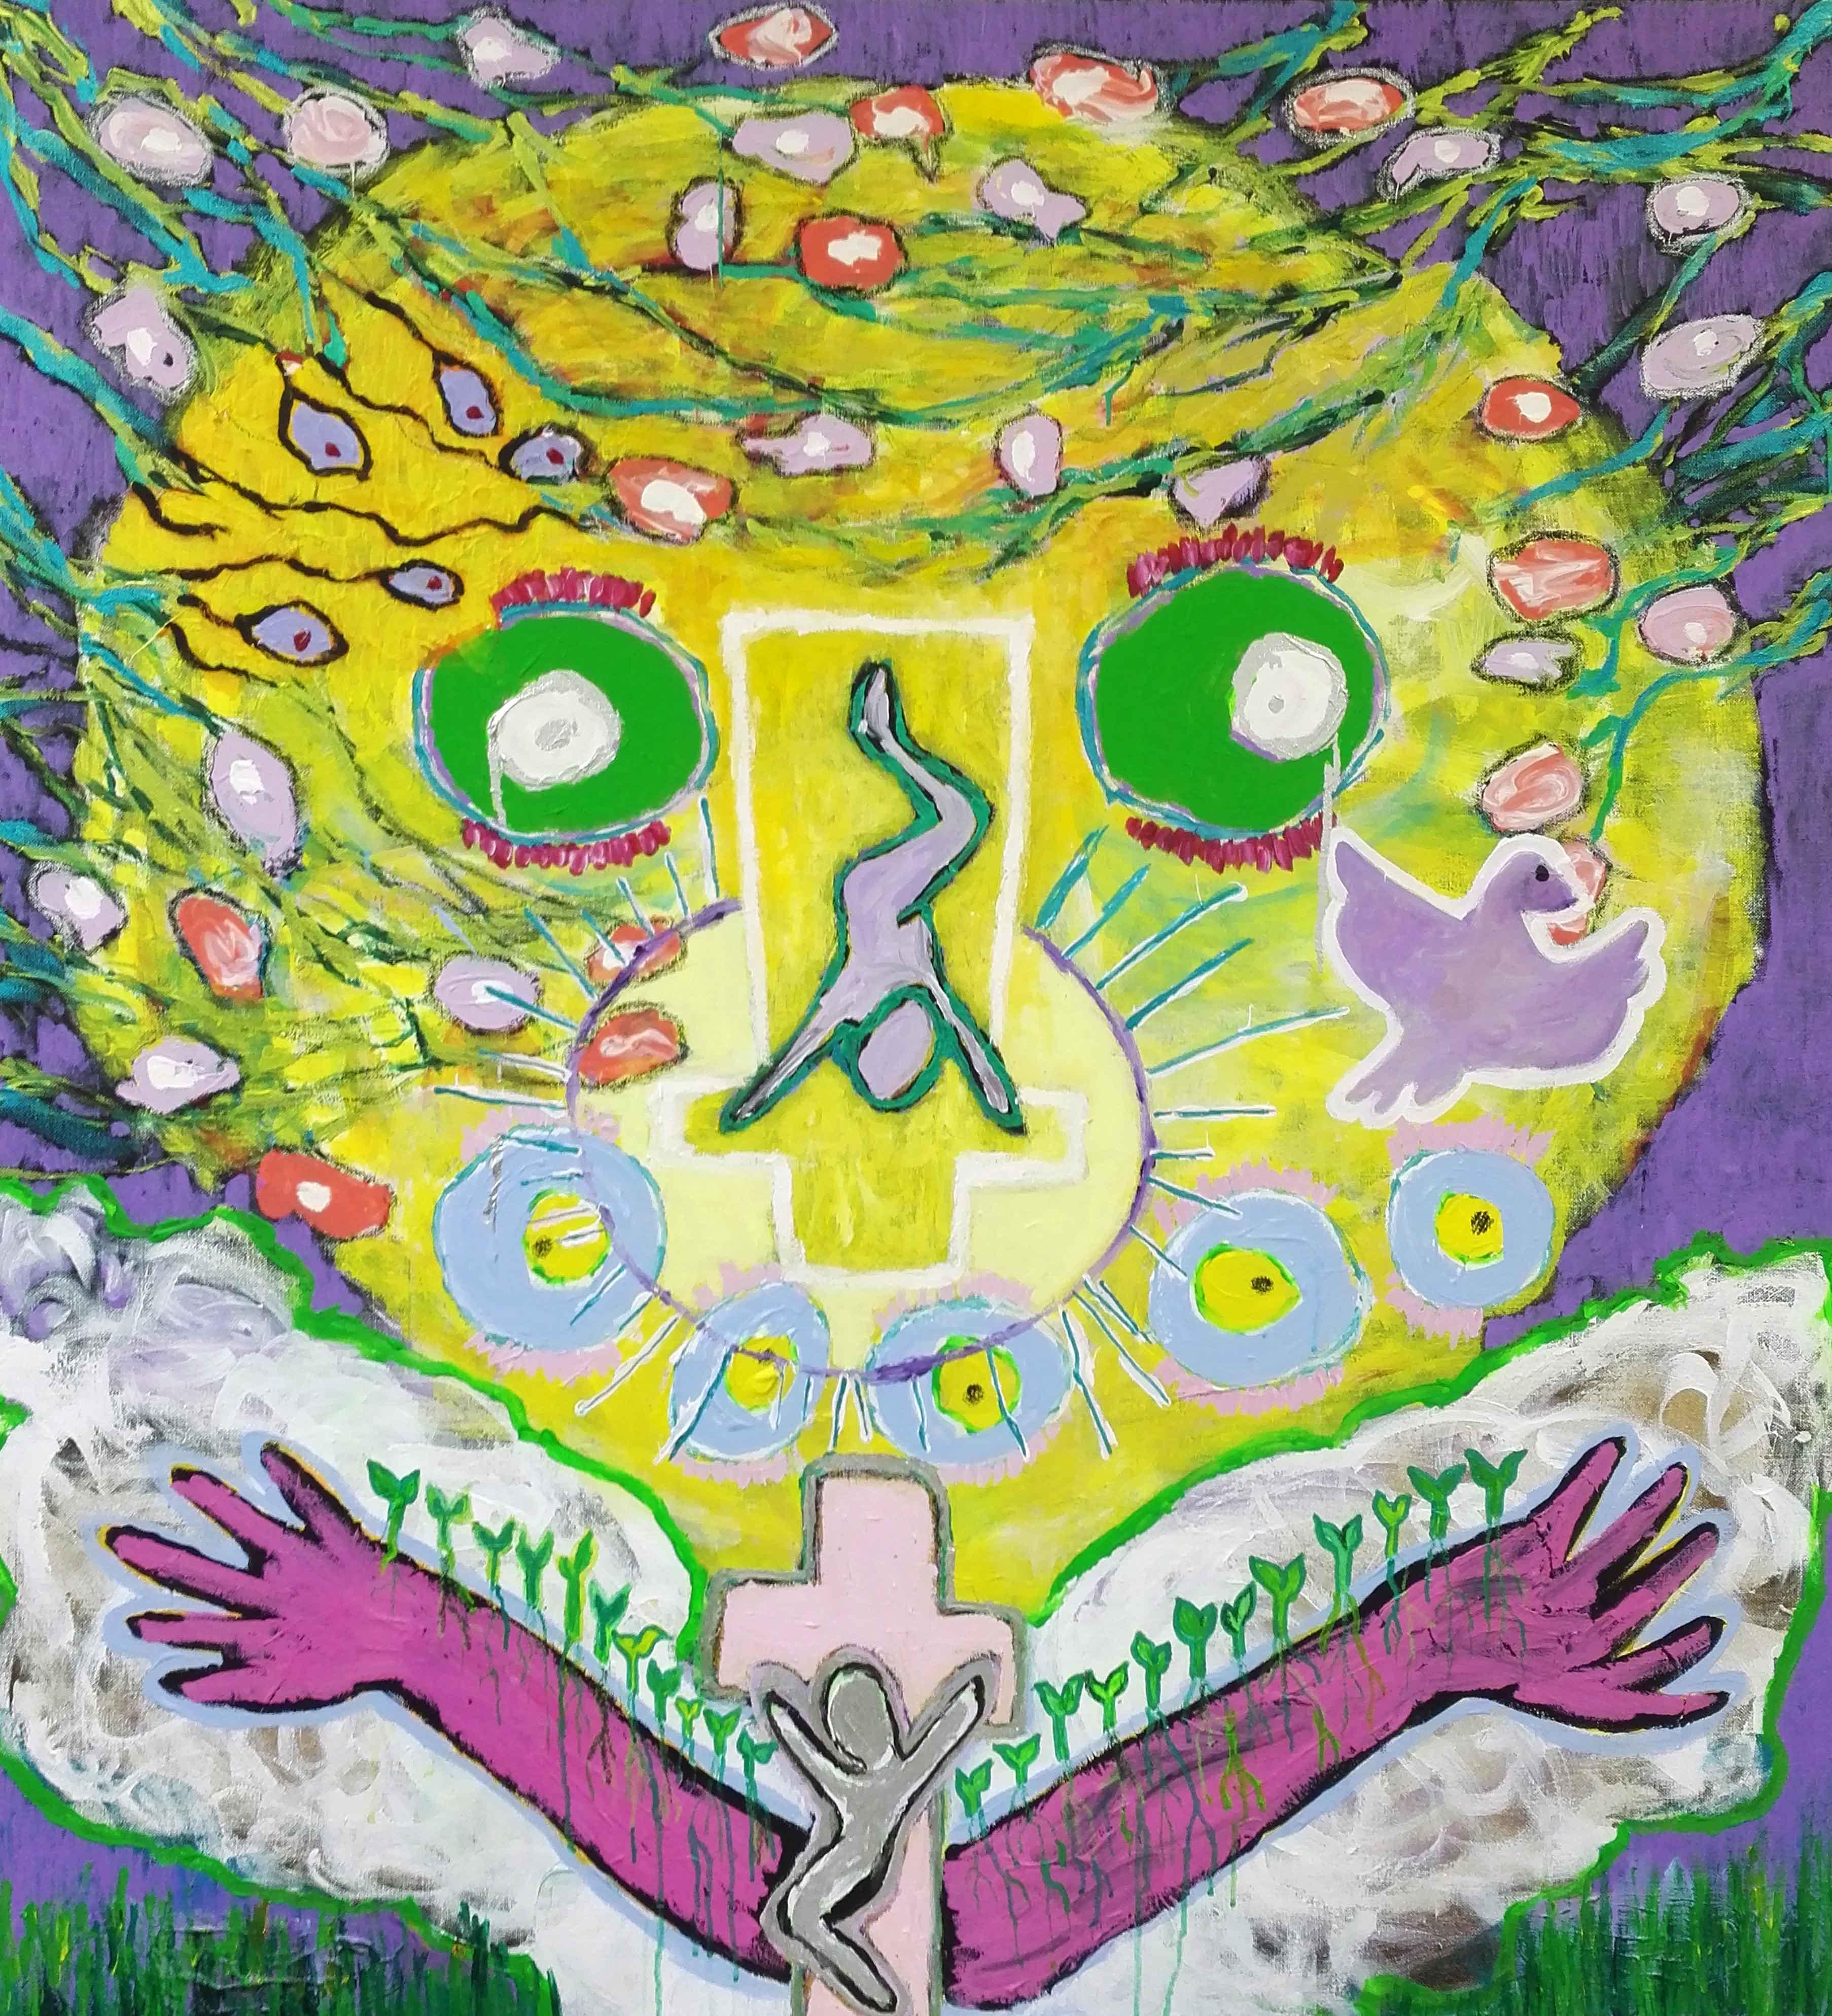 Suuret aurinkomaiset kasvot, joiden keskellä ristiinnaulittu hahmo ylösalaisin. Niiden alla ylöspäin avautuvat violetit käsivarret, joiden keskellä toinen ristiinnaulittu. Ympärillä erinäisiä kasveja. Kyyhkynen.